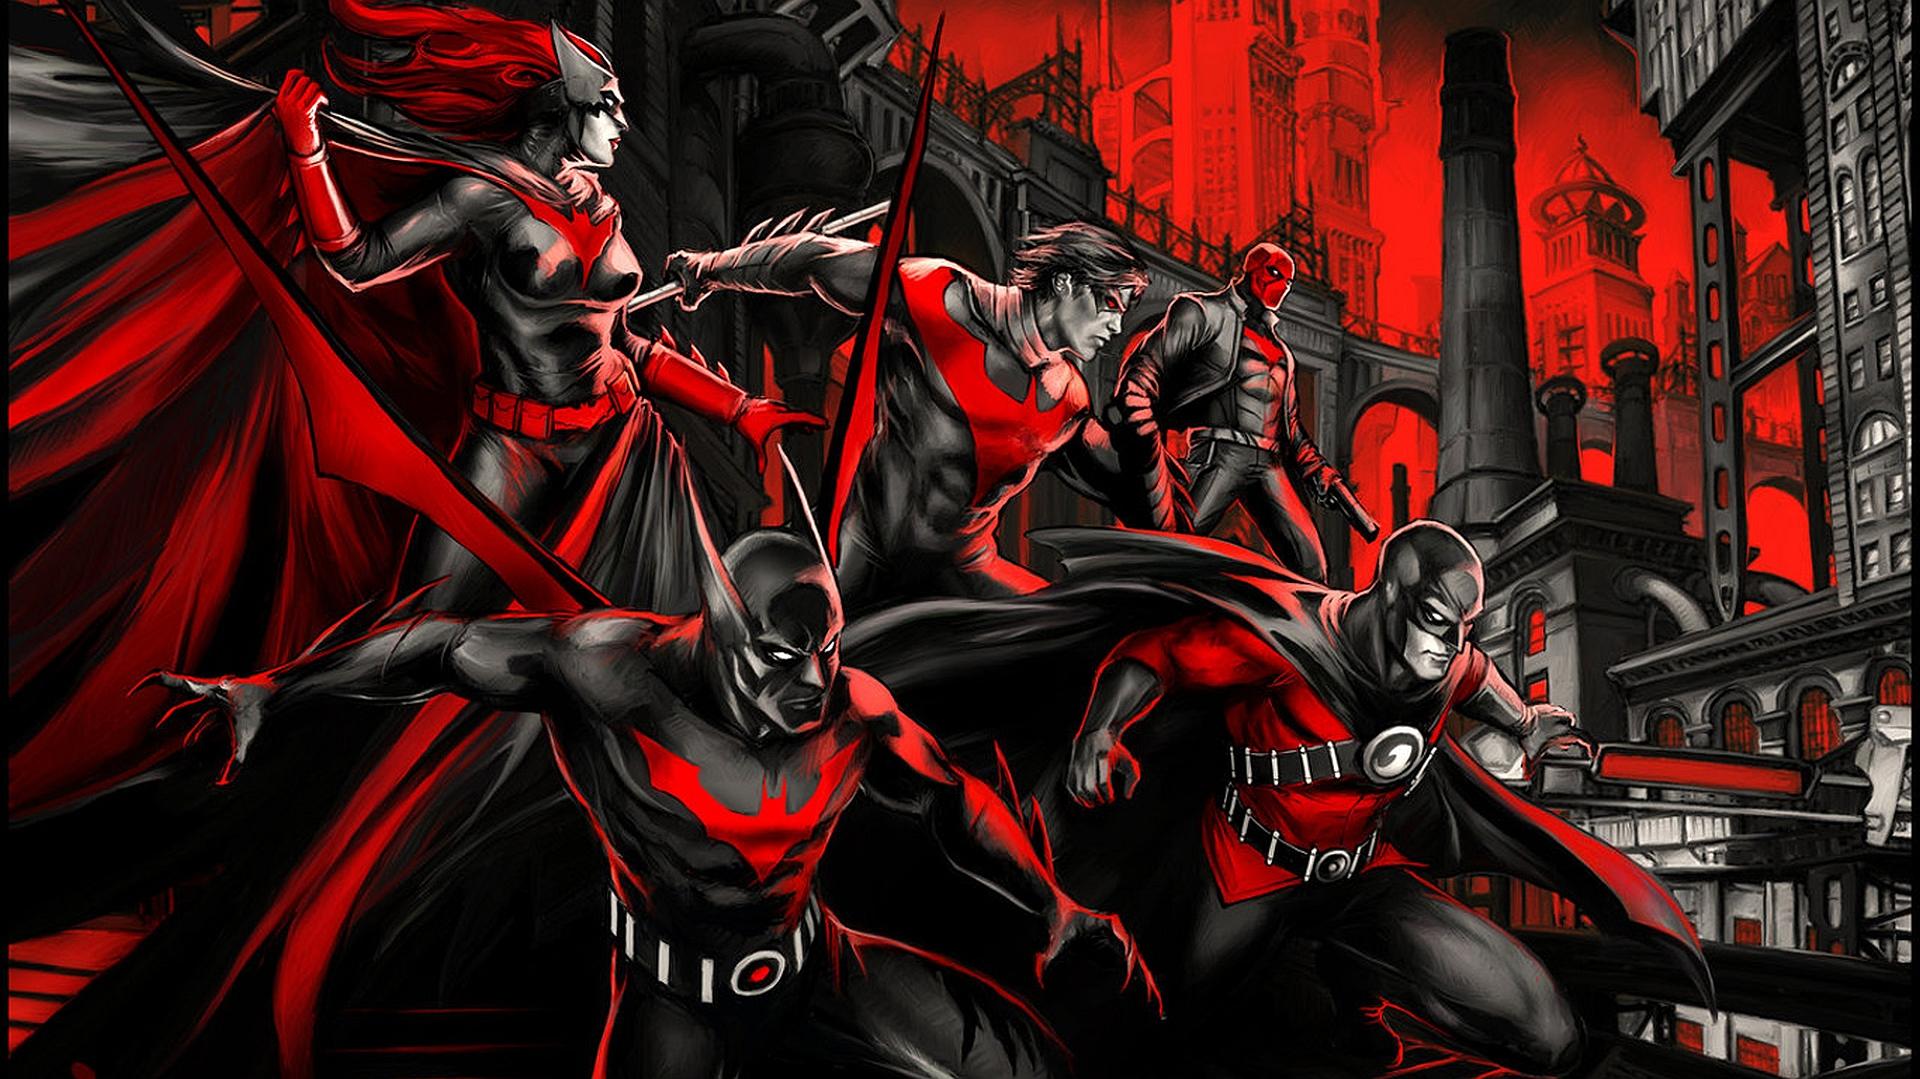 Red Hood Wallpaper 1920x1080: Batman Beyond Wallpaper And Background